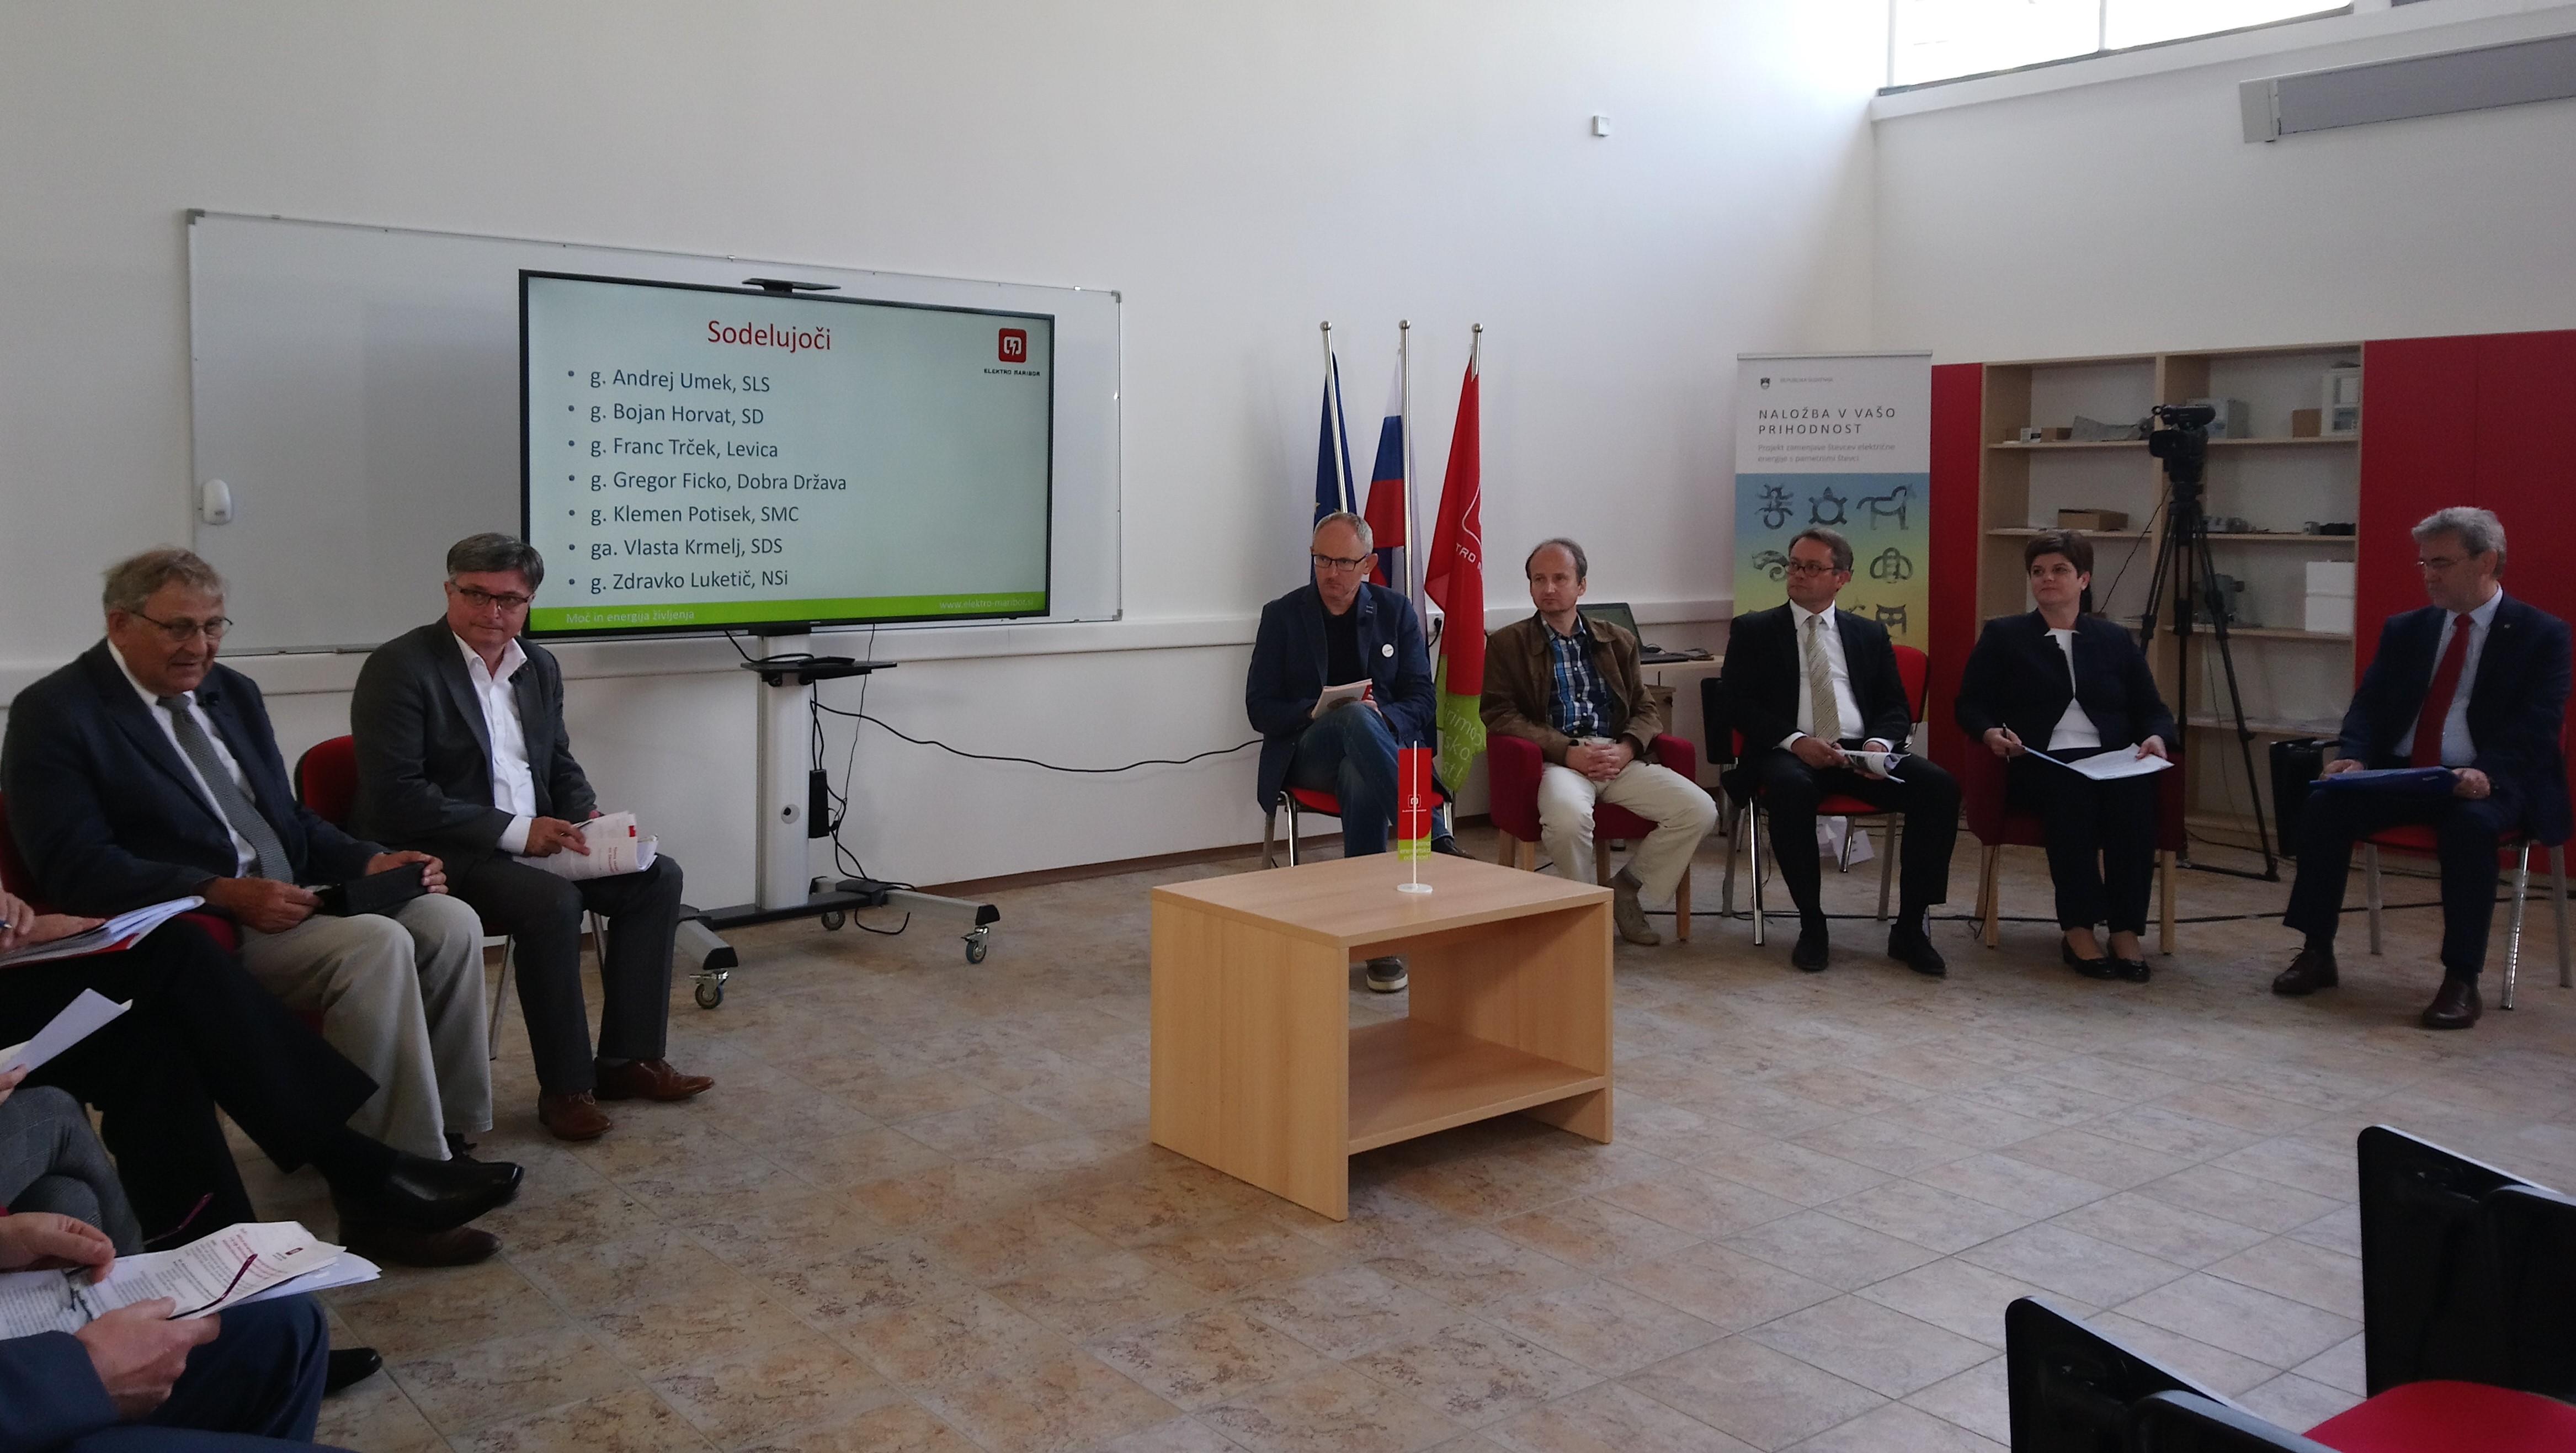 'Energetiko naj v novi vladi vodijo Ficko, Sovič, Mervar in Trček'